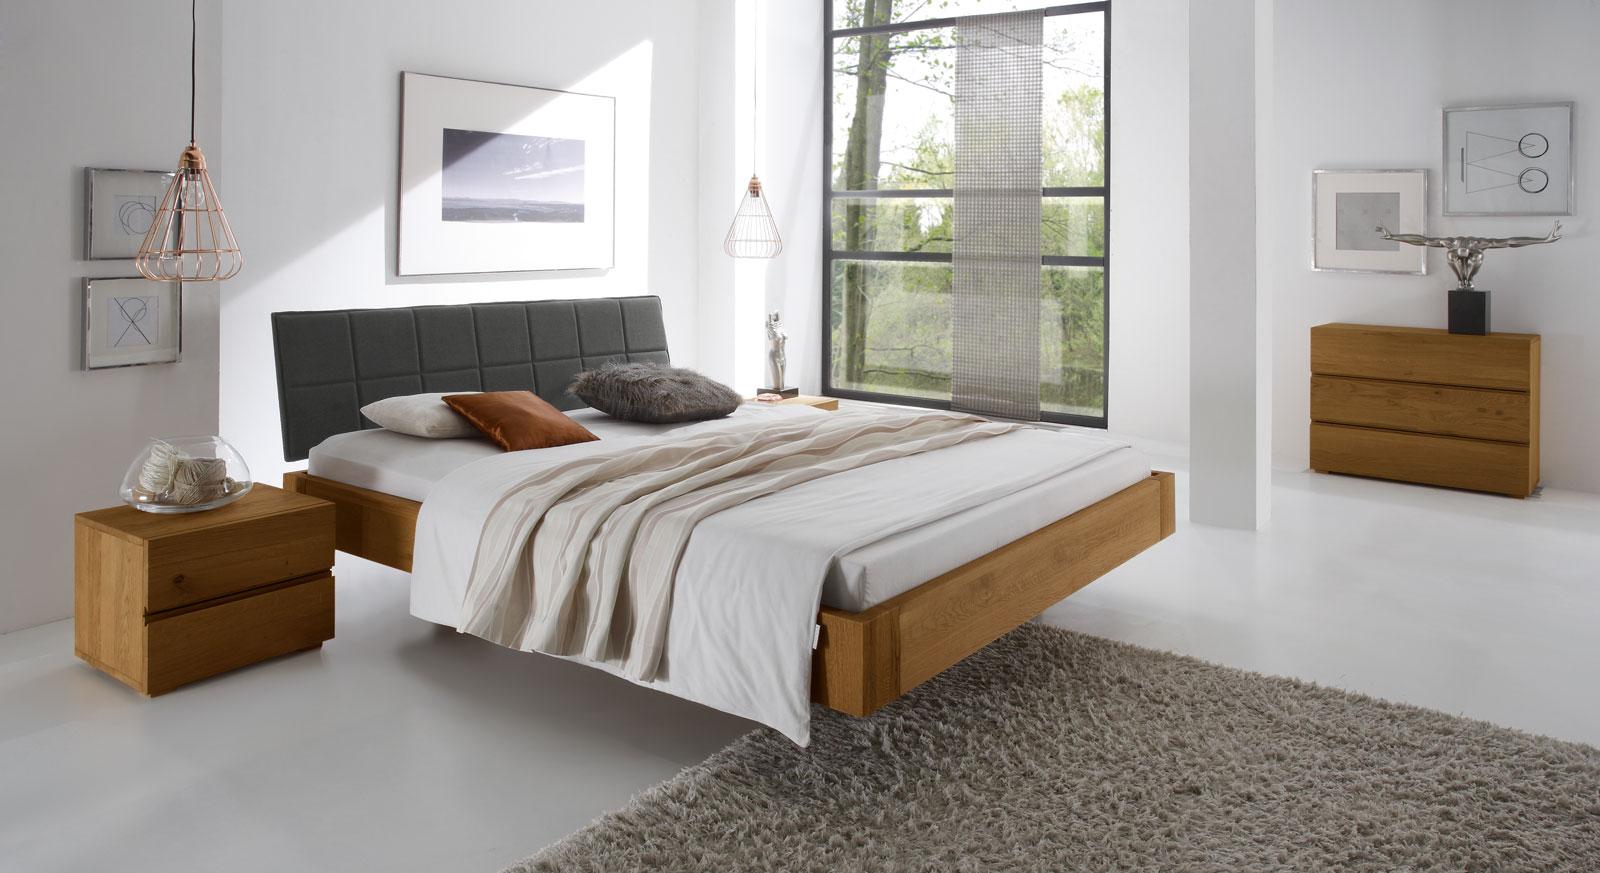 Bett Belbari mit passenden Produkten